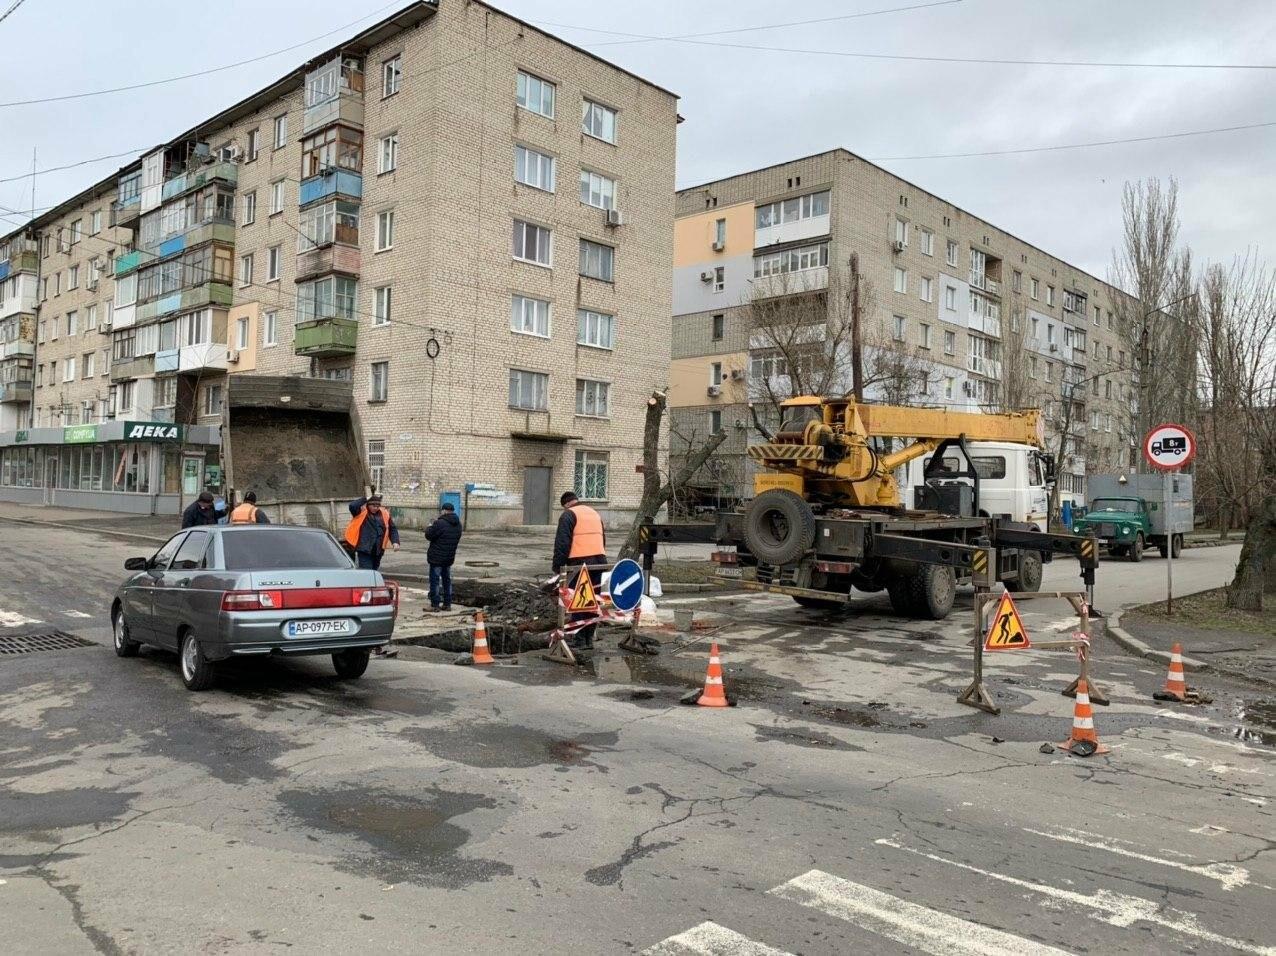 Увага! Обмежено рух у центрі Бердянська, - фото, фото-4